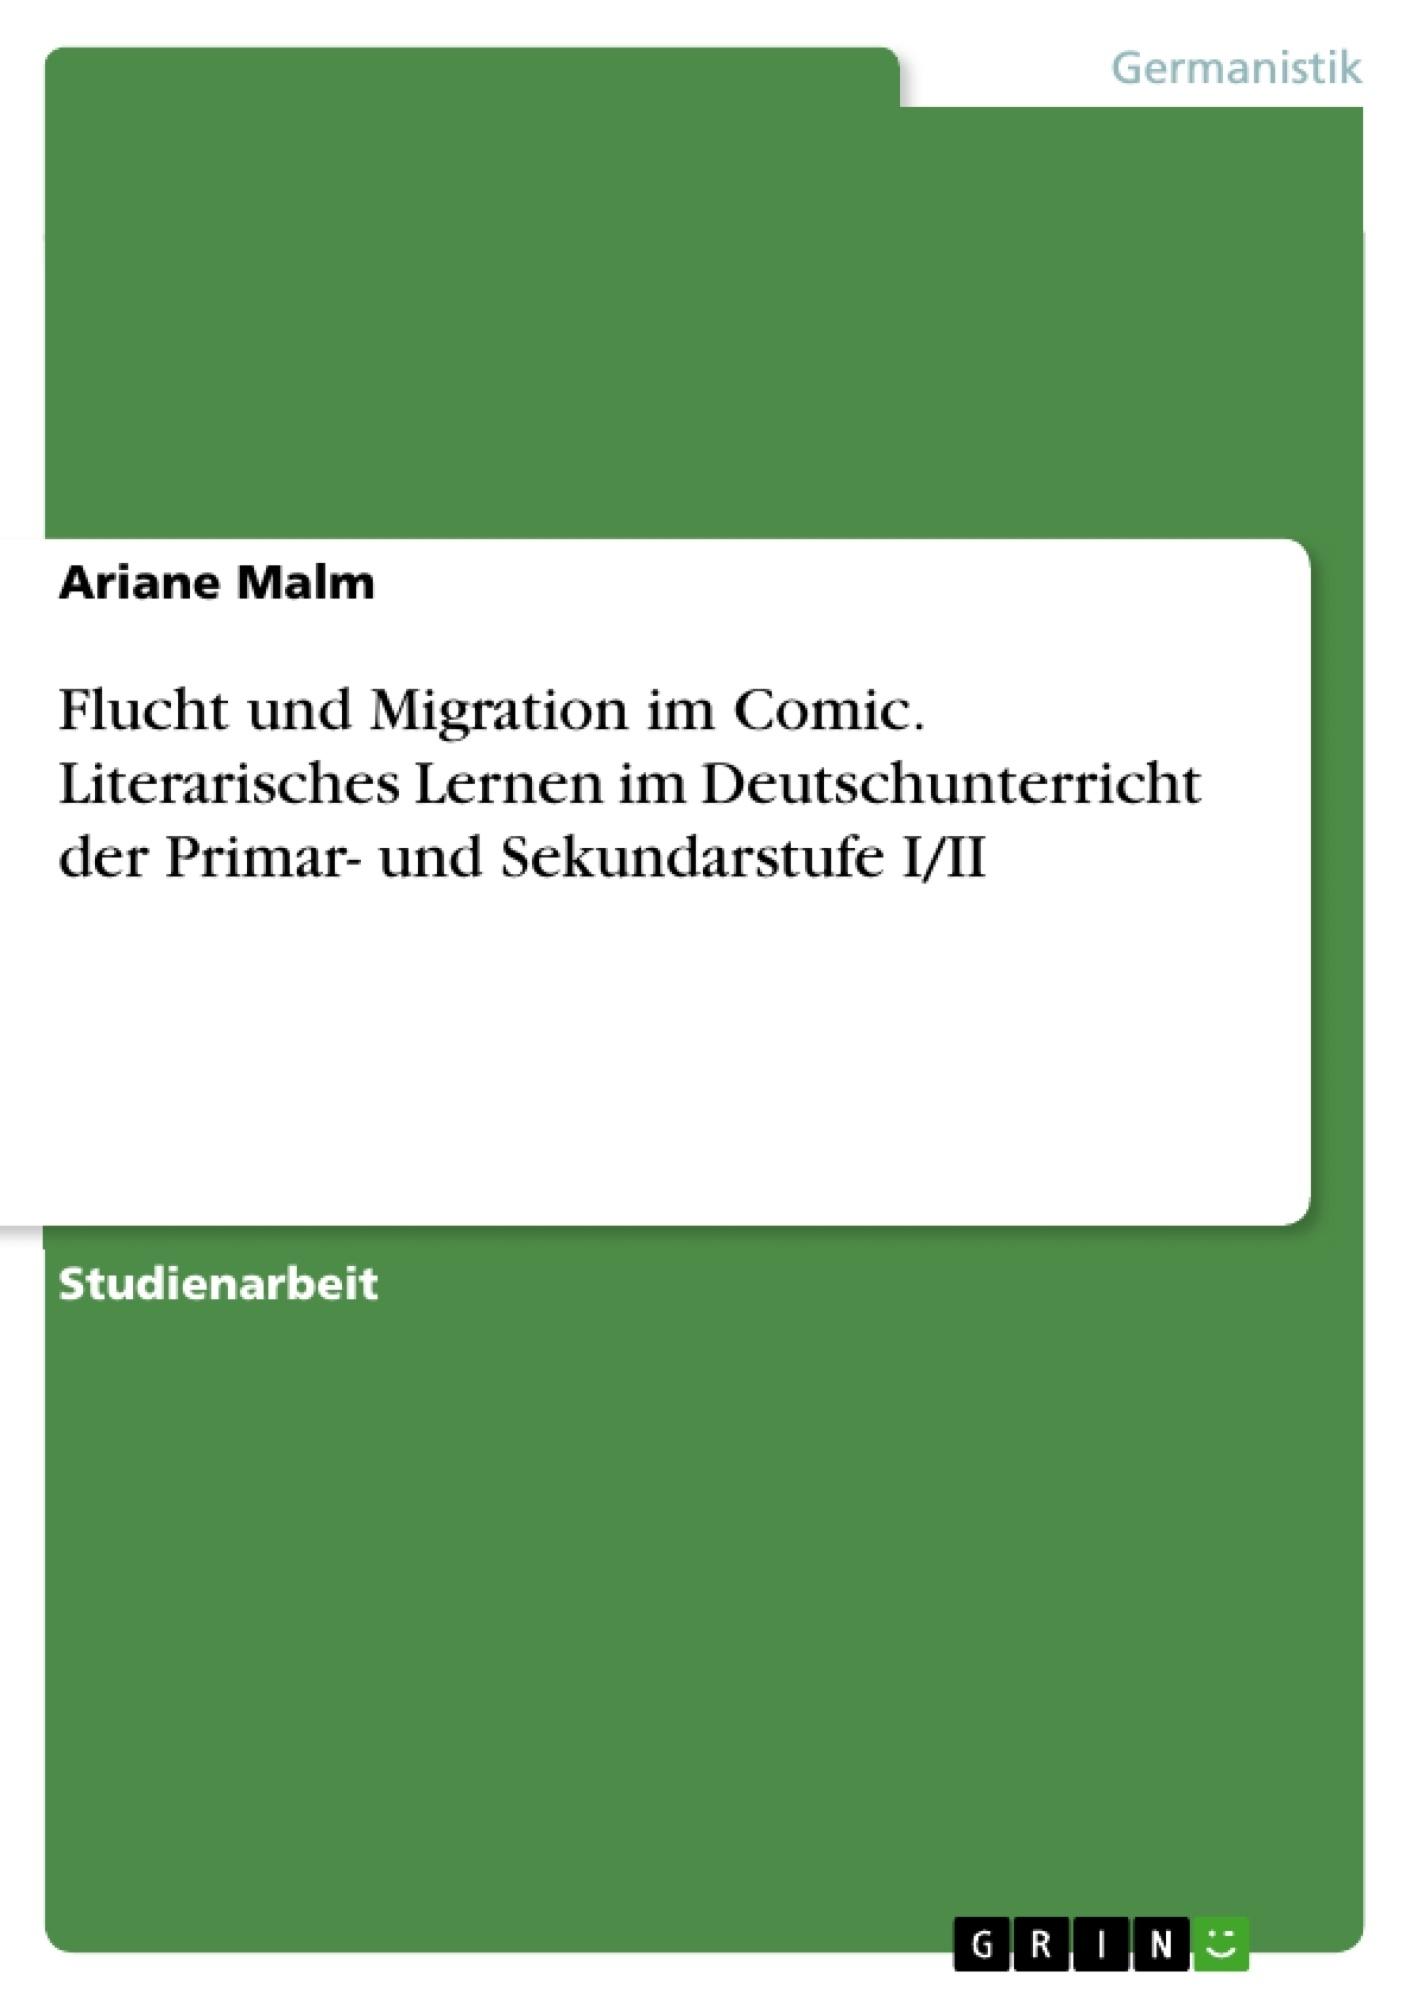 Titel: Flucht und Migration im Comic. Literarisches Lernen im Deutschunterricht der Primar- und Sekundarstufe I/II